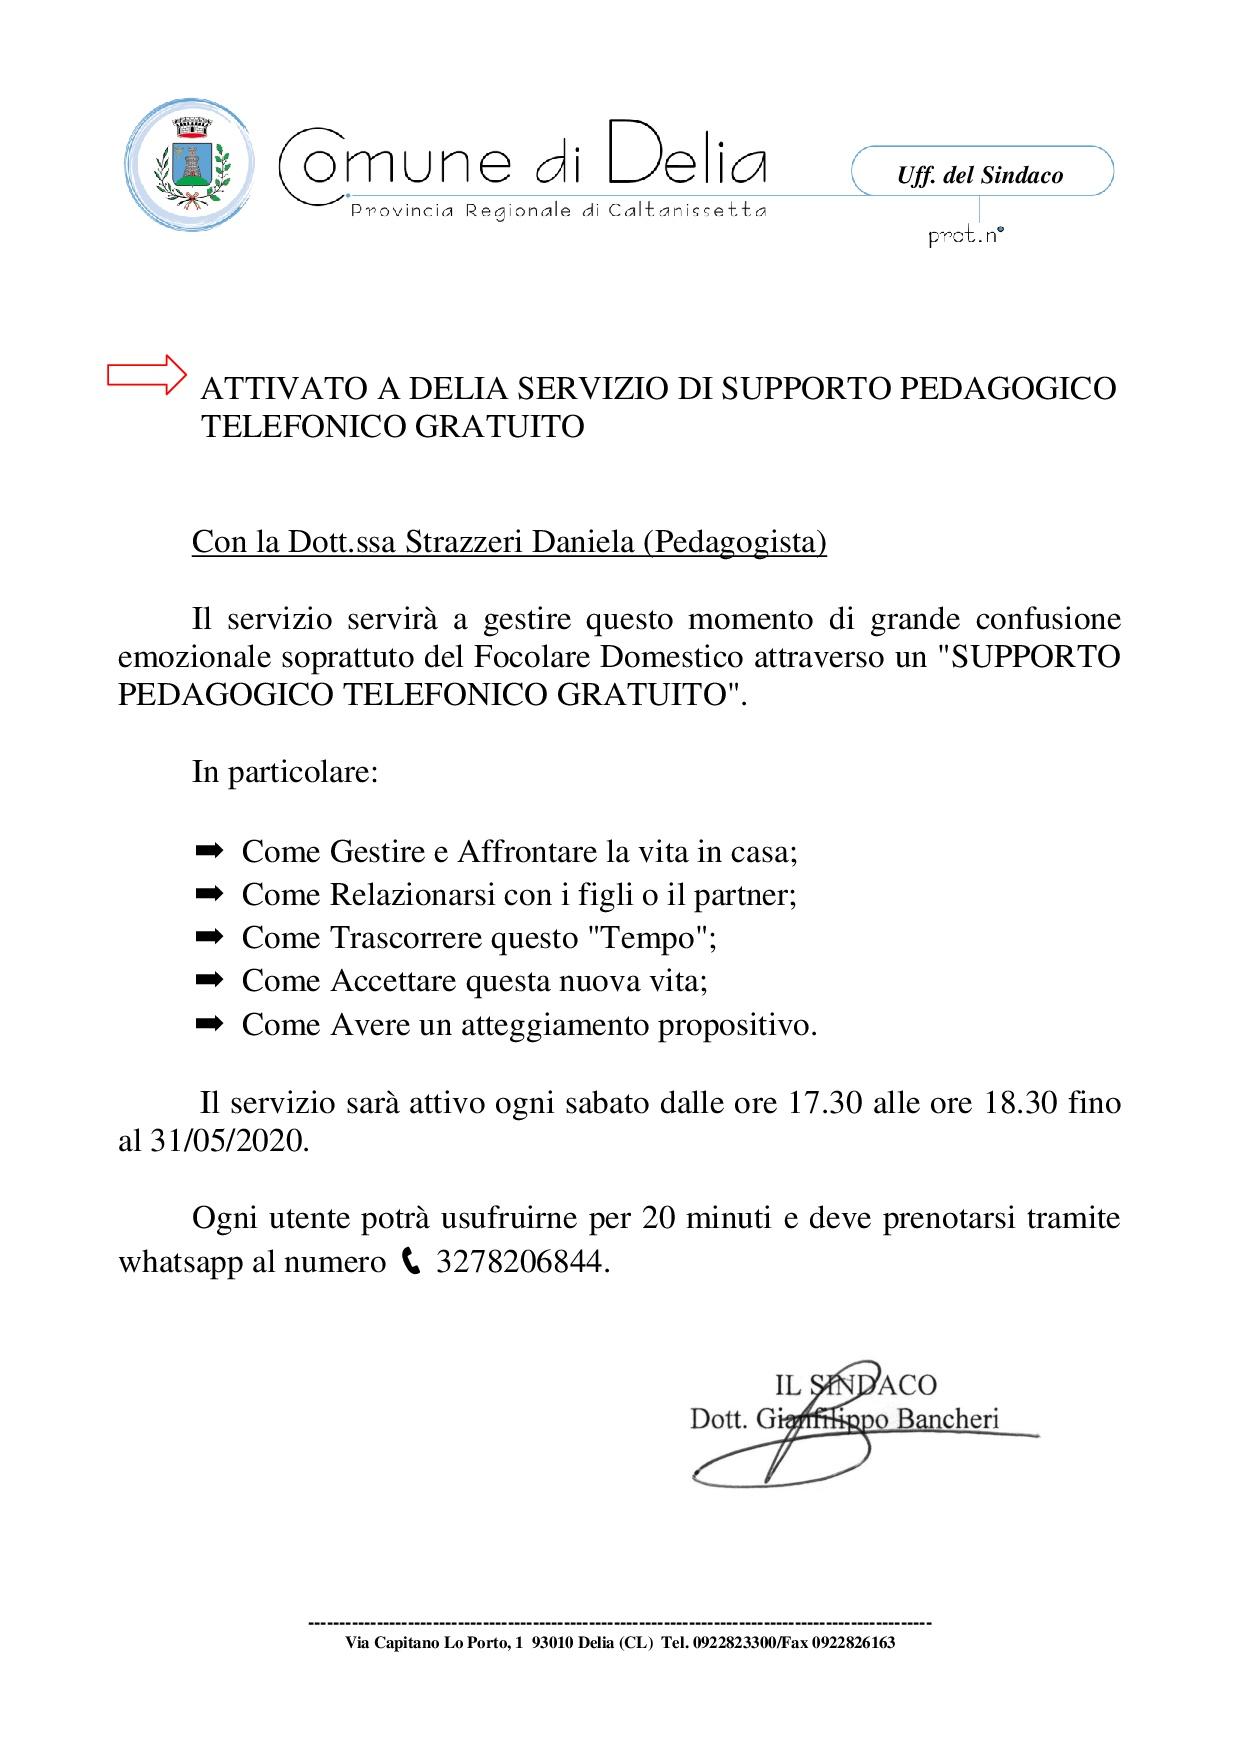 ATTIVAZIONE SERVIZIO DI SUPPORTO PEDAGOGICO